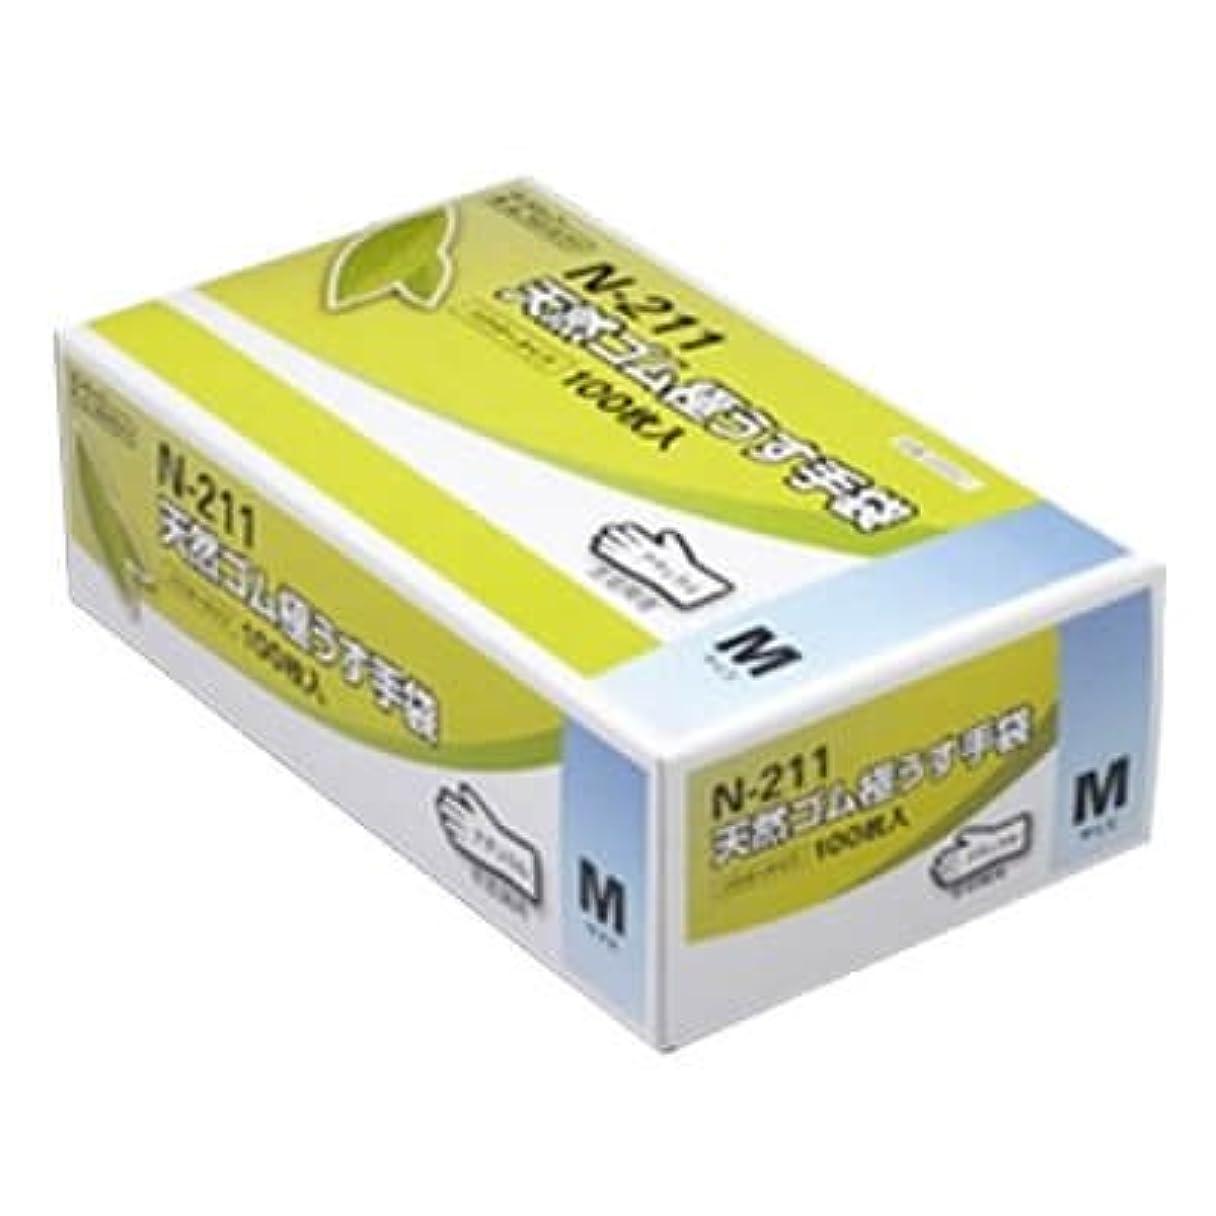 豪華な再撮りヘクタール【ケース販売】 ダンロップ 天然ゴム極うす手袋 N-211 M ナチュラル (100枚入×20箱)